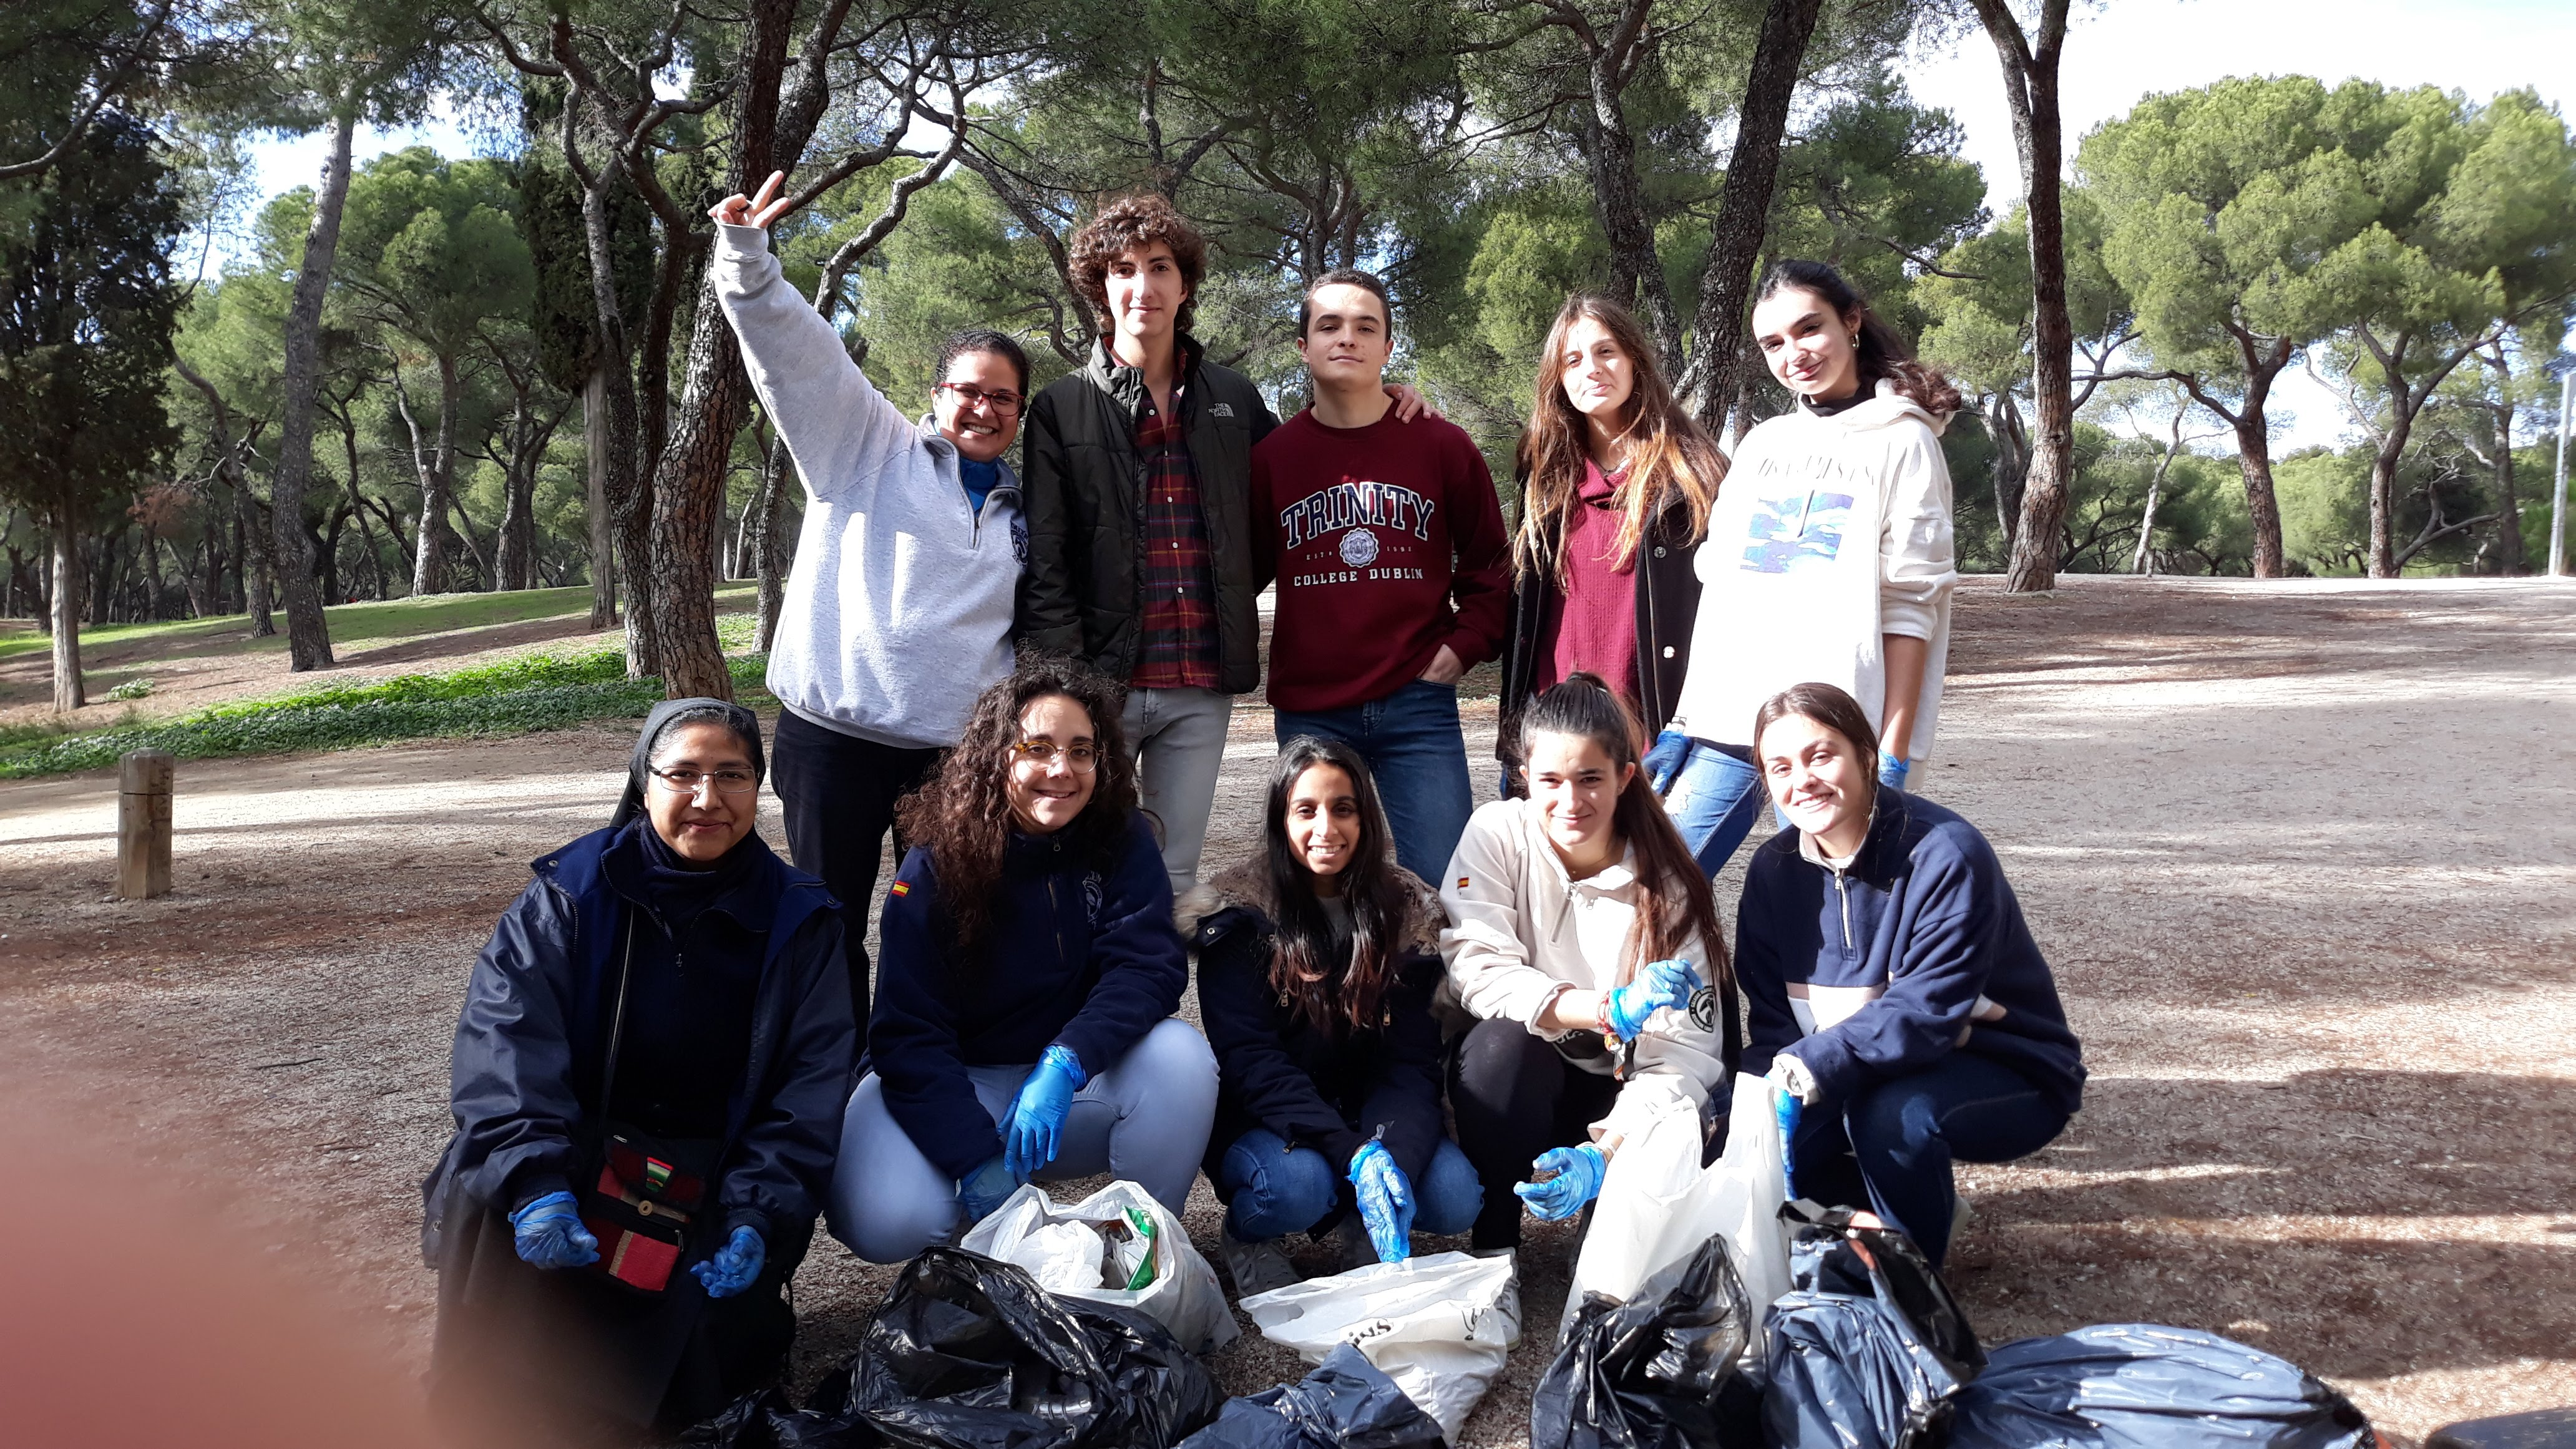 Aula de Derechos Humanos sobre el Cambio climático compartido entre el CMU Mara y el CMU Alcalá - Madrid - COP25 - El cambio está en manos de todos - Colegio Mayor en Madrid